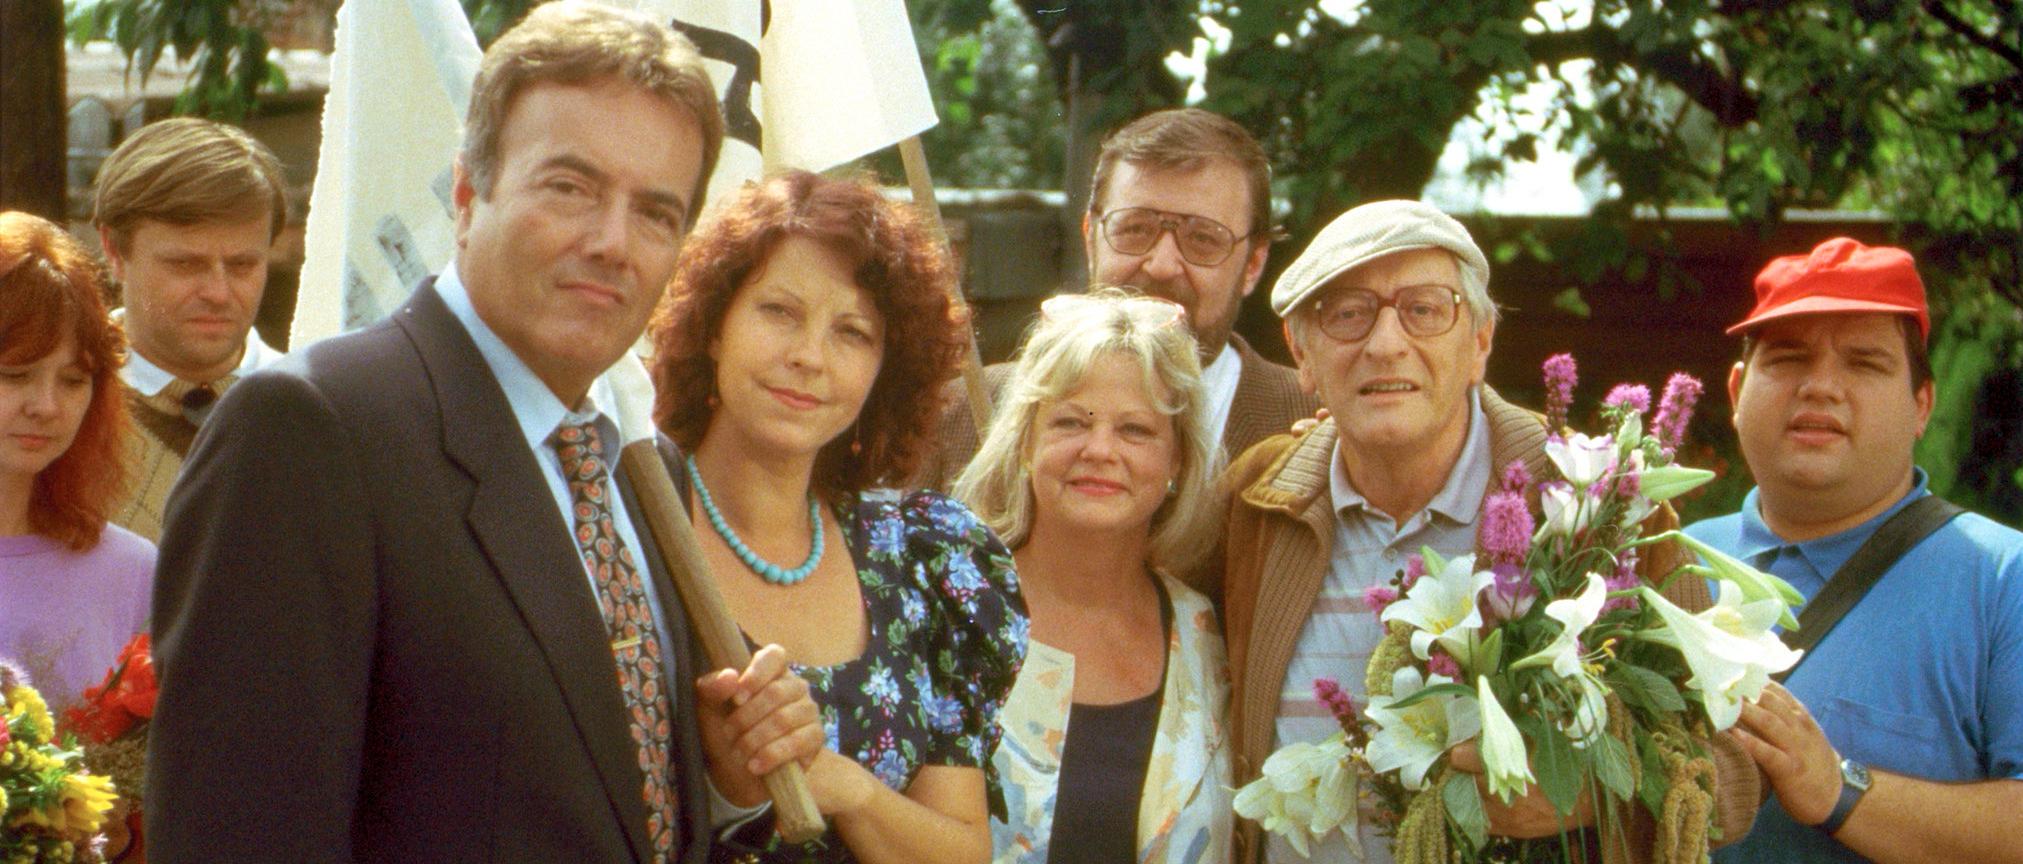 Elfi Eschke, Peter Fröhlich, Götz Kauffmann, Walter Langer, Marianne Mendt, and Gerald Pichowetz in Kaisermühlen Blues (1992)